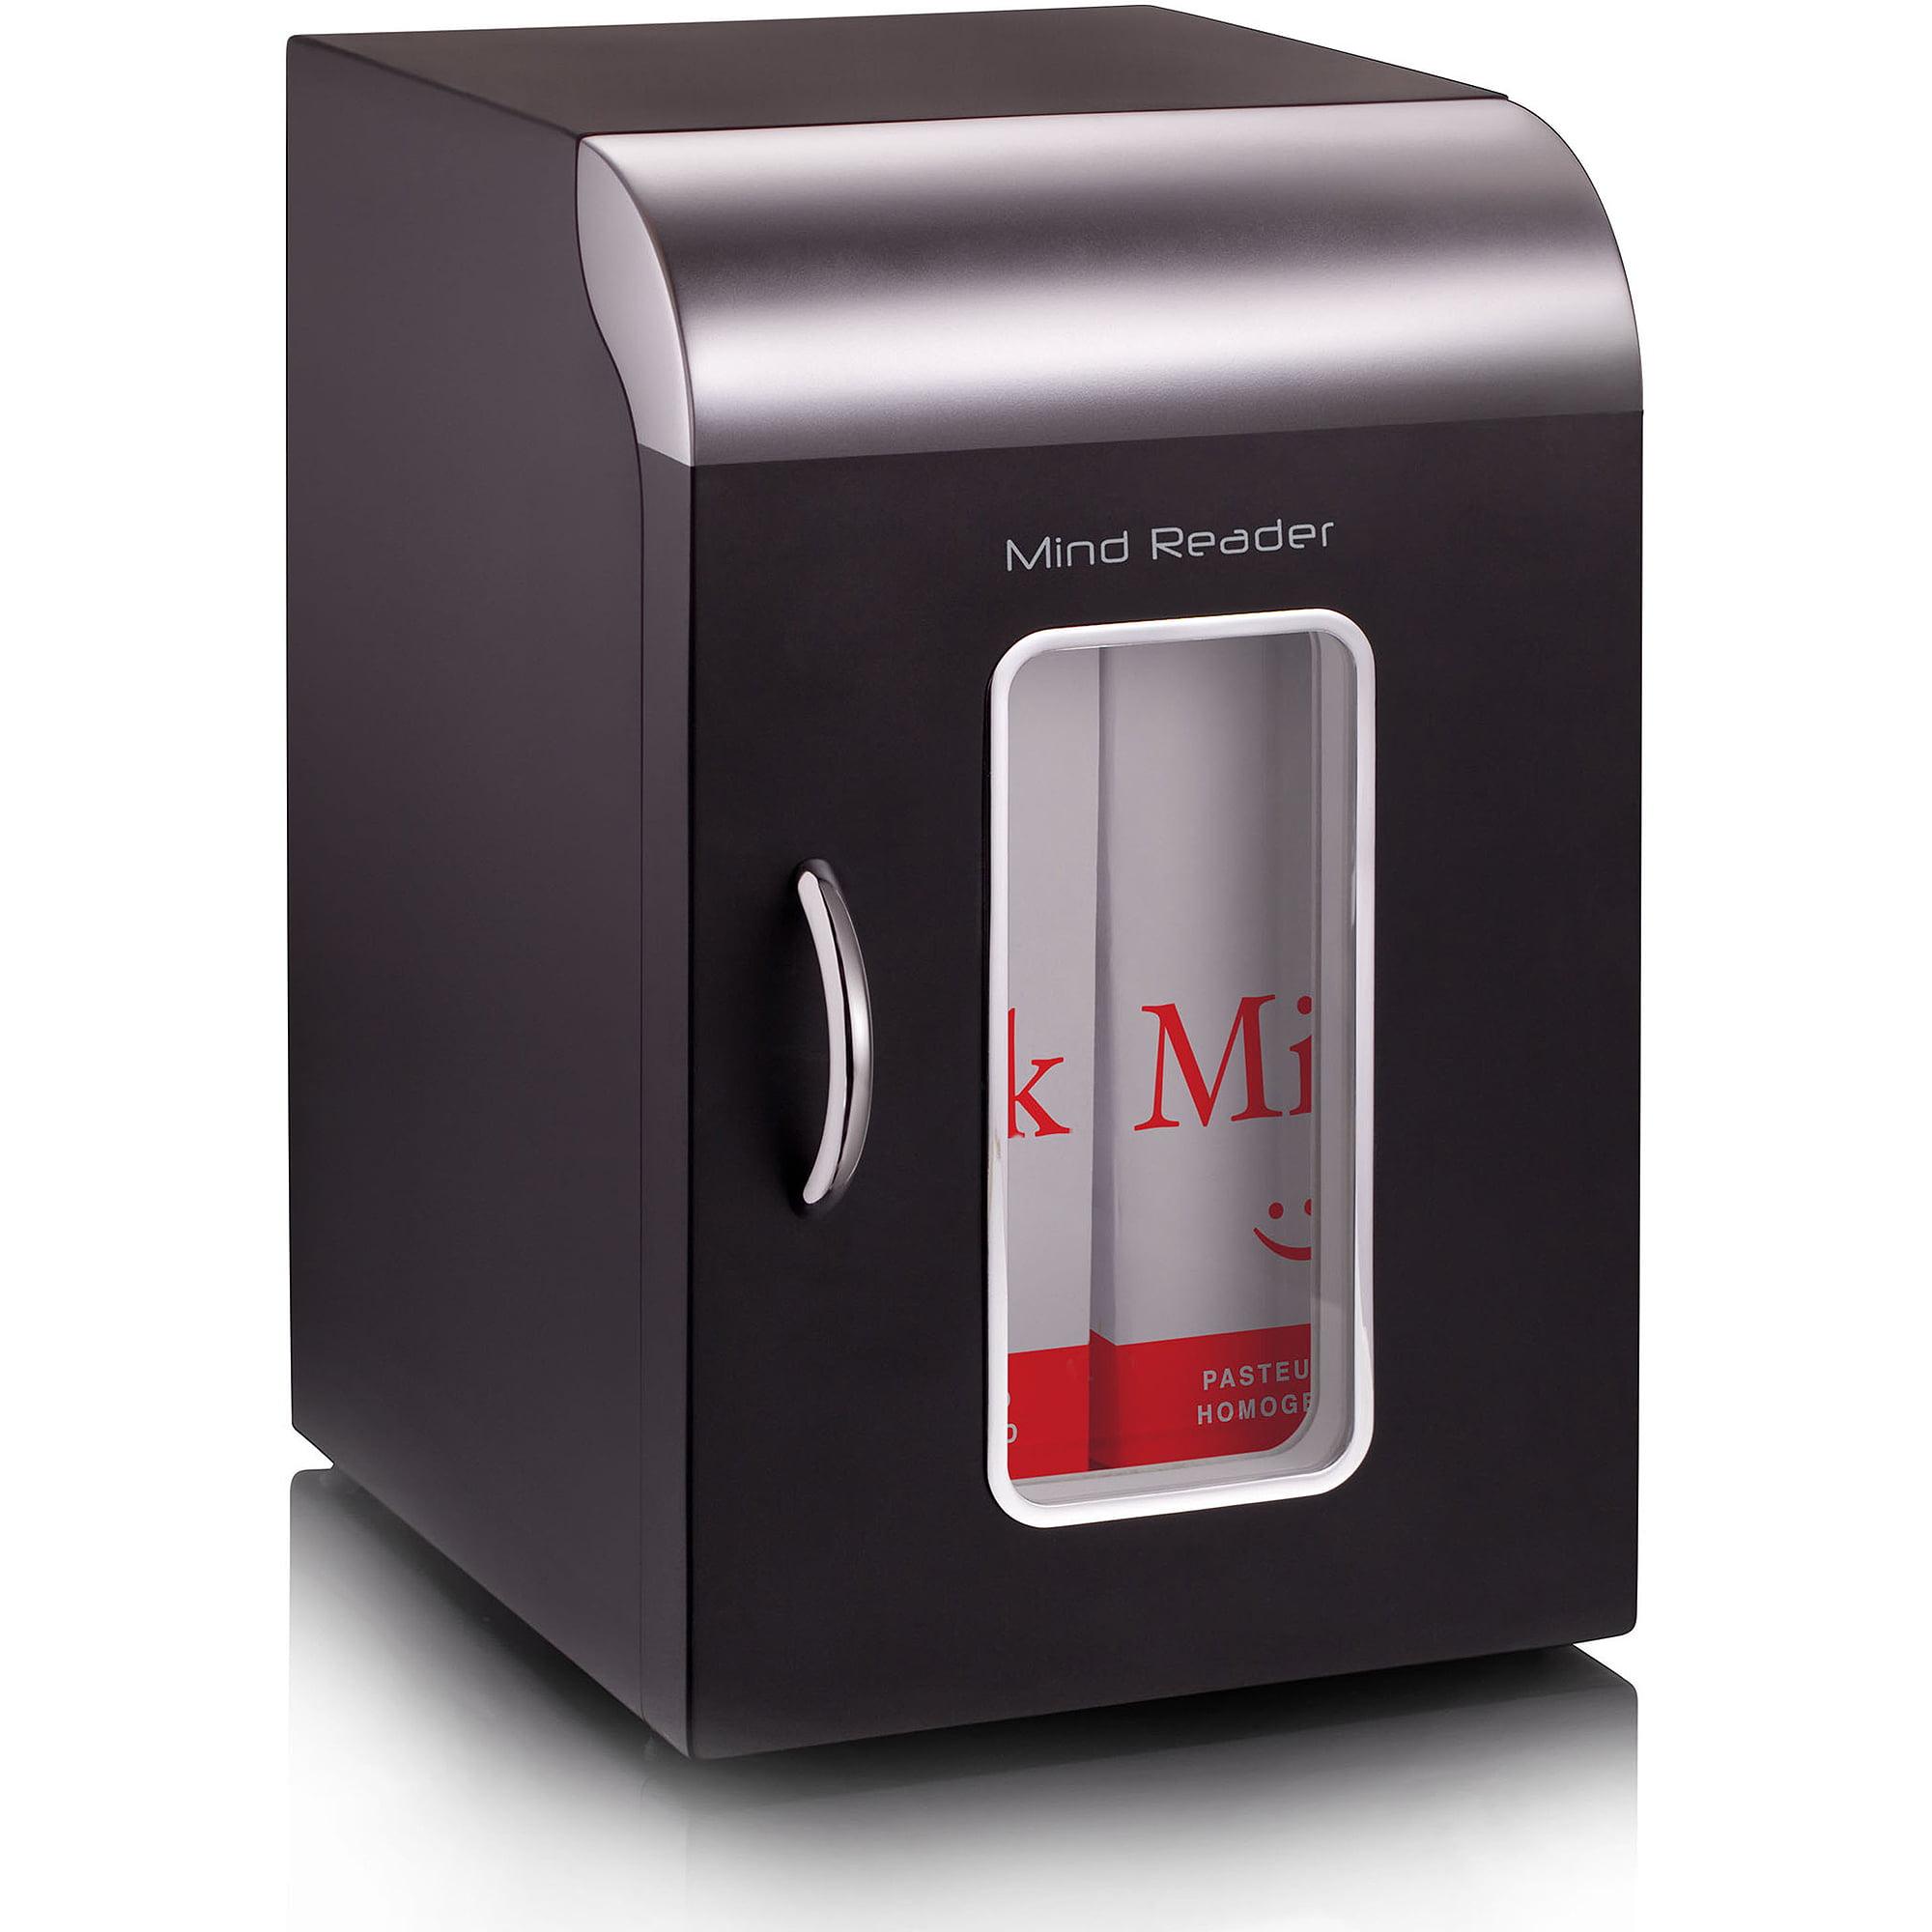 Mind Reader Mini Refrigerator, Black